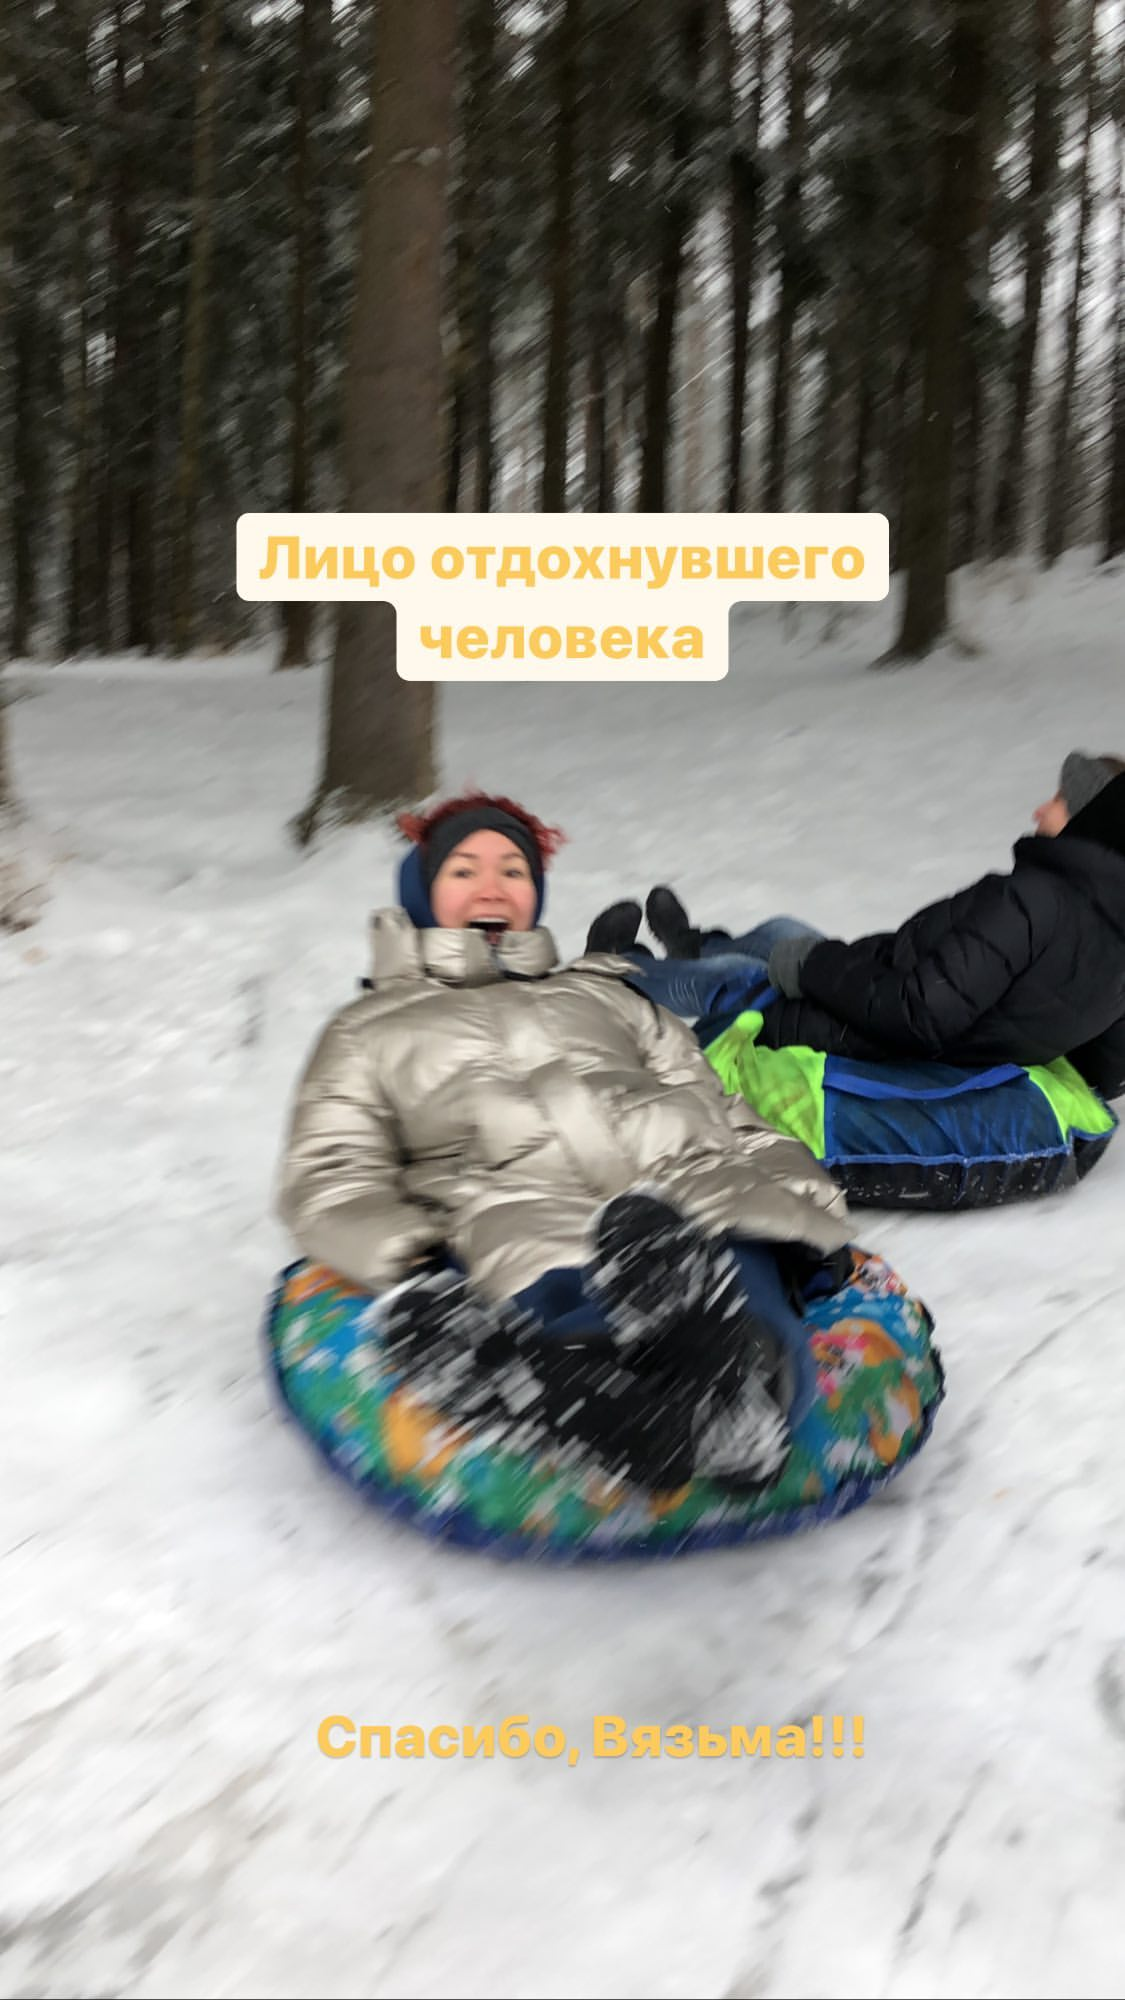 Елена Гущина знает толк в зимних забавах. А вы как проводите свои выходные?